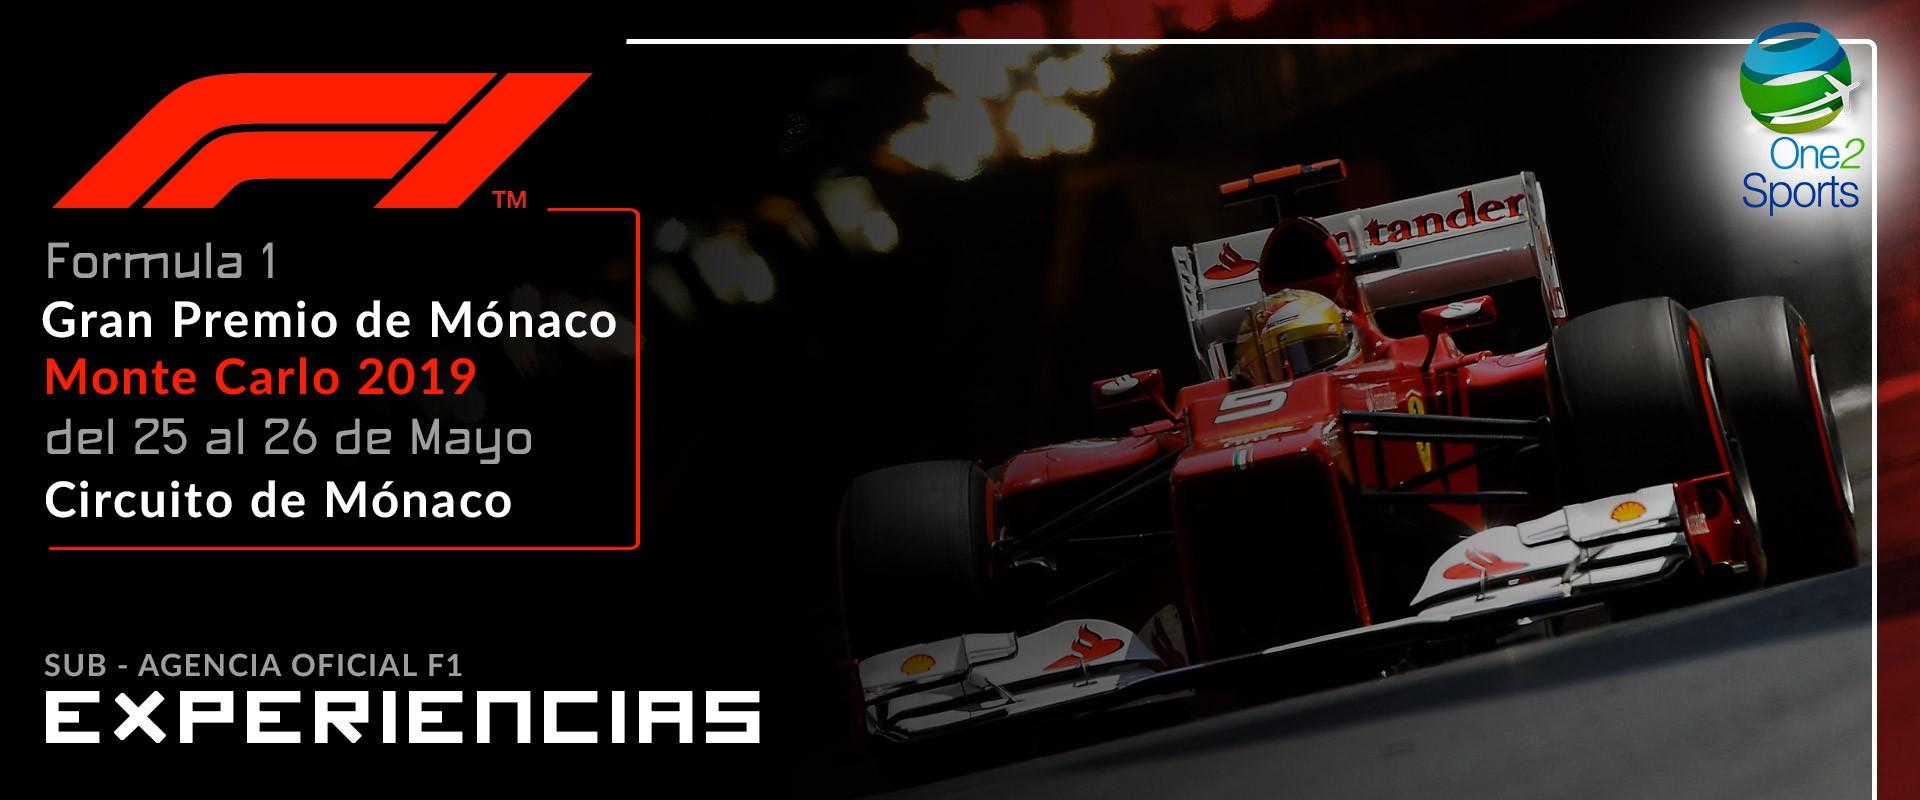 F1 Gran Premio de Mónaco 2019